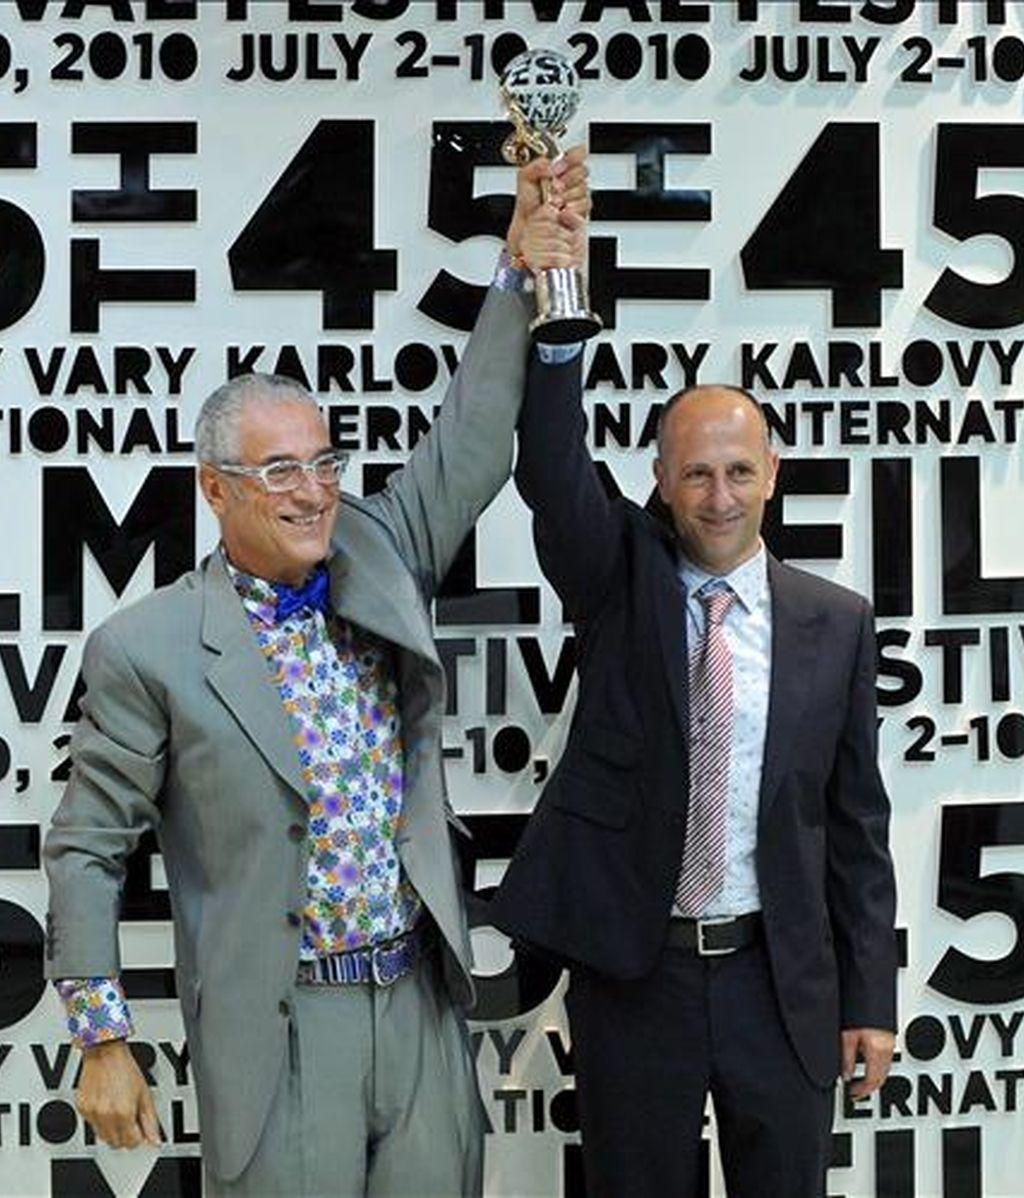 """El director español Agustí Vila (izq) y el productor Luis Minarro sostienen el Globo de Cristal que han recibido por la película """"La red del mosquito"""" en el Festival Internacional de Cine de Karlovy Vary, República Checa, hoy sábado 10 de julio. EFE"""